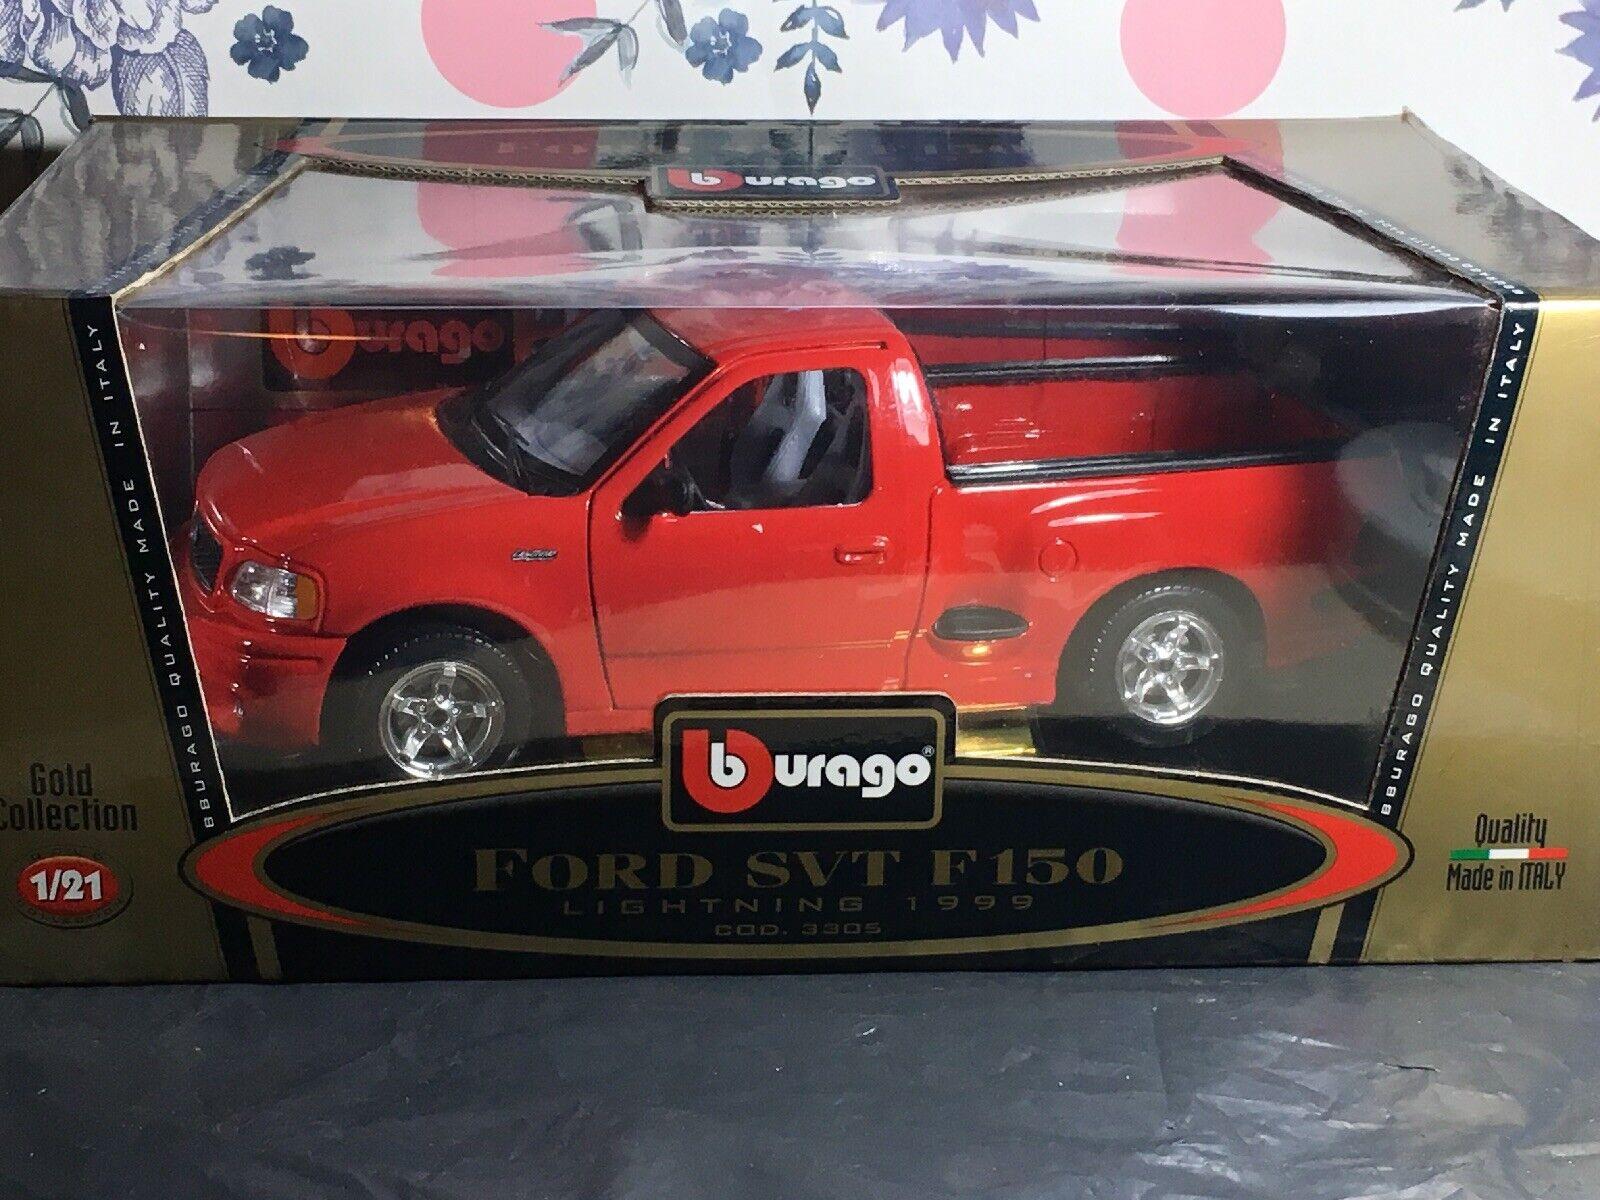 BURAGO FORD SVT F150 rouge lumièreNING 1999 1  21 SCALE 3305 BNIB or COLLECTION  tous les produits sont spéciaux